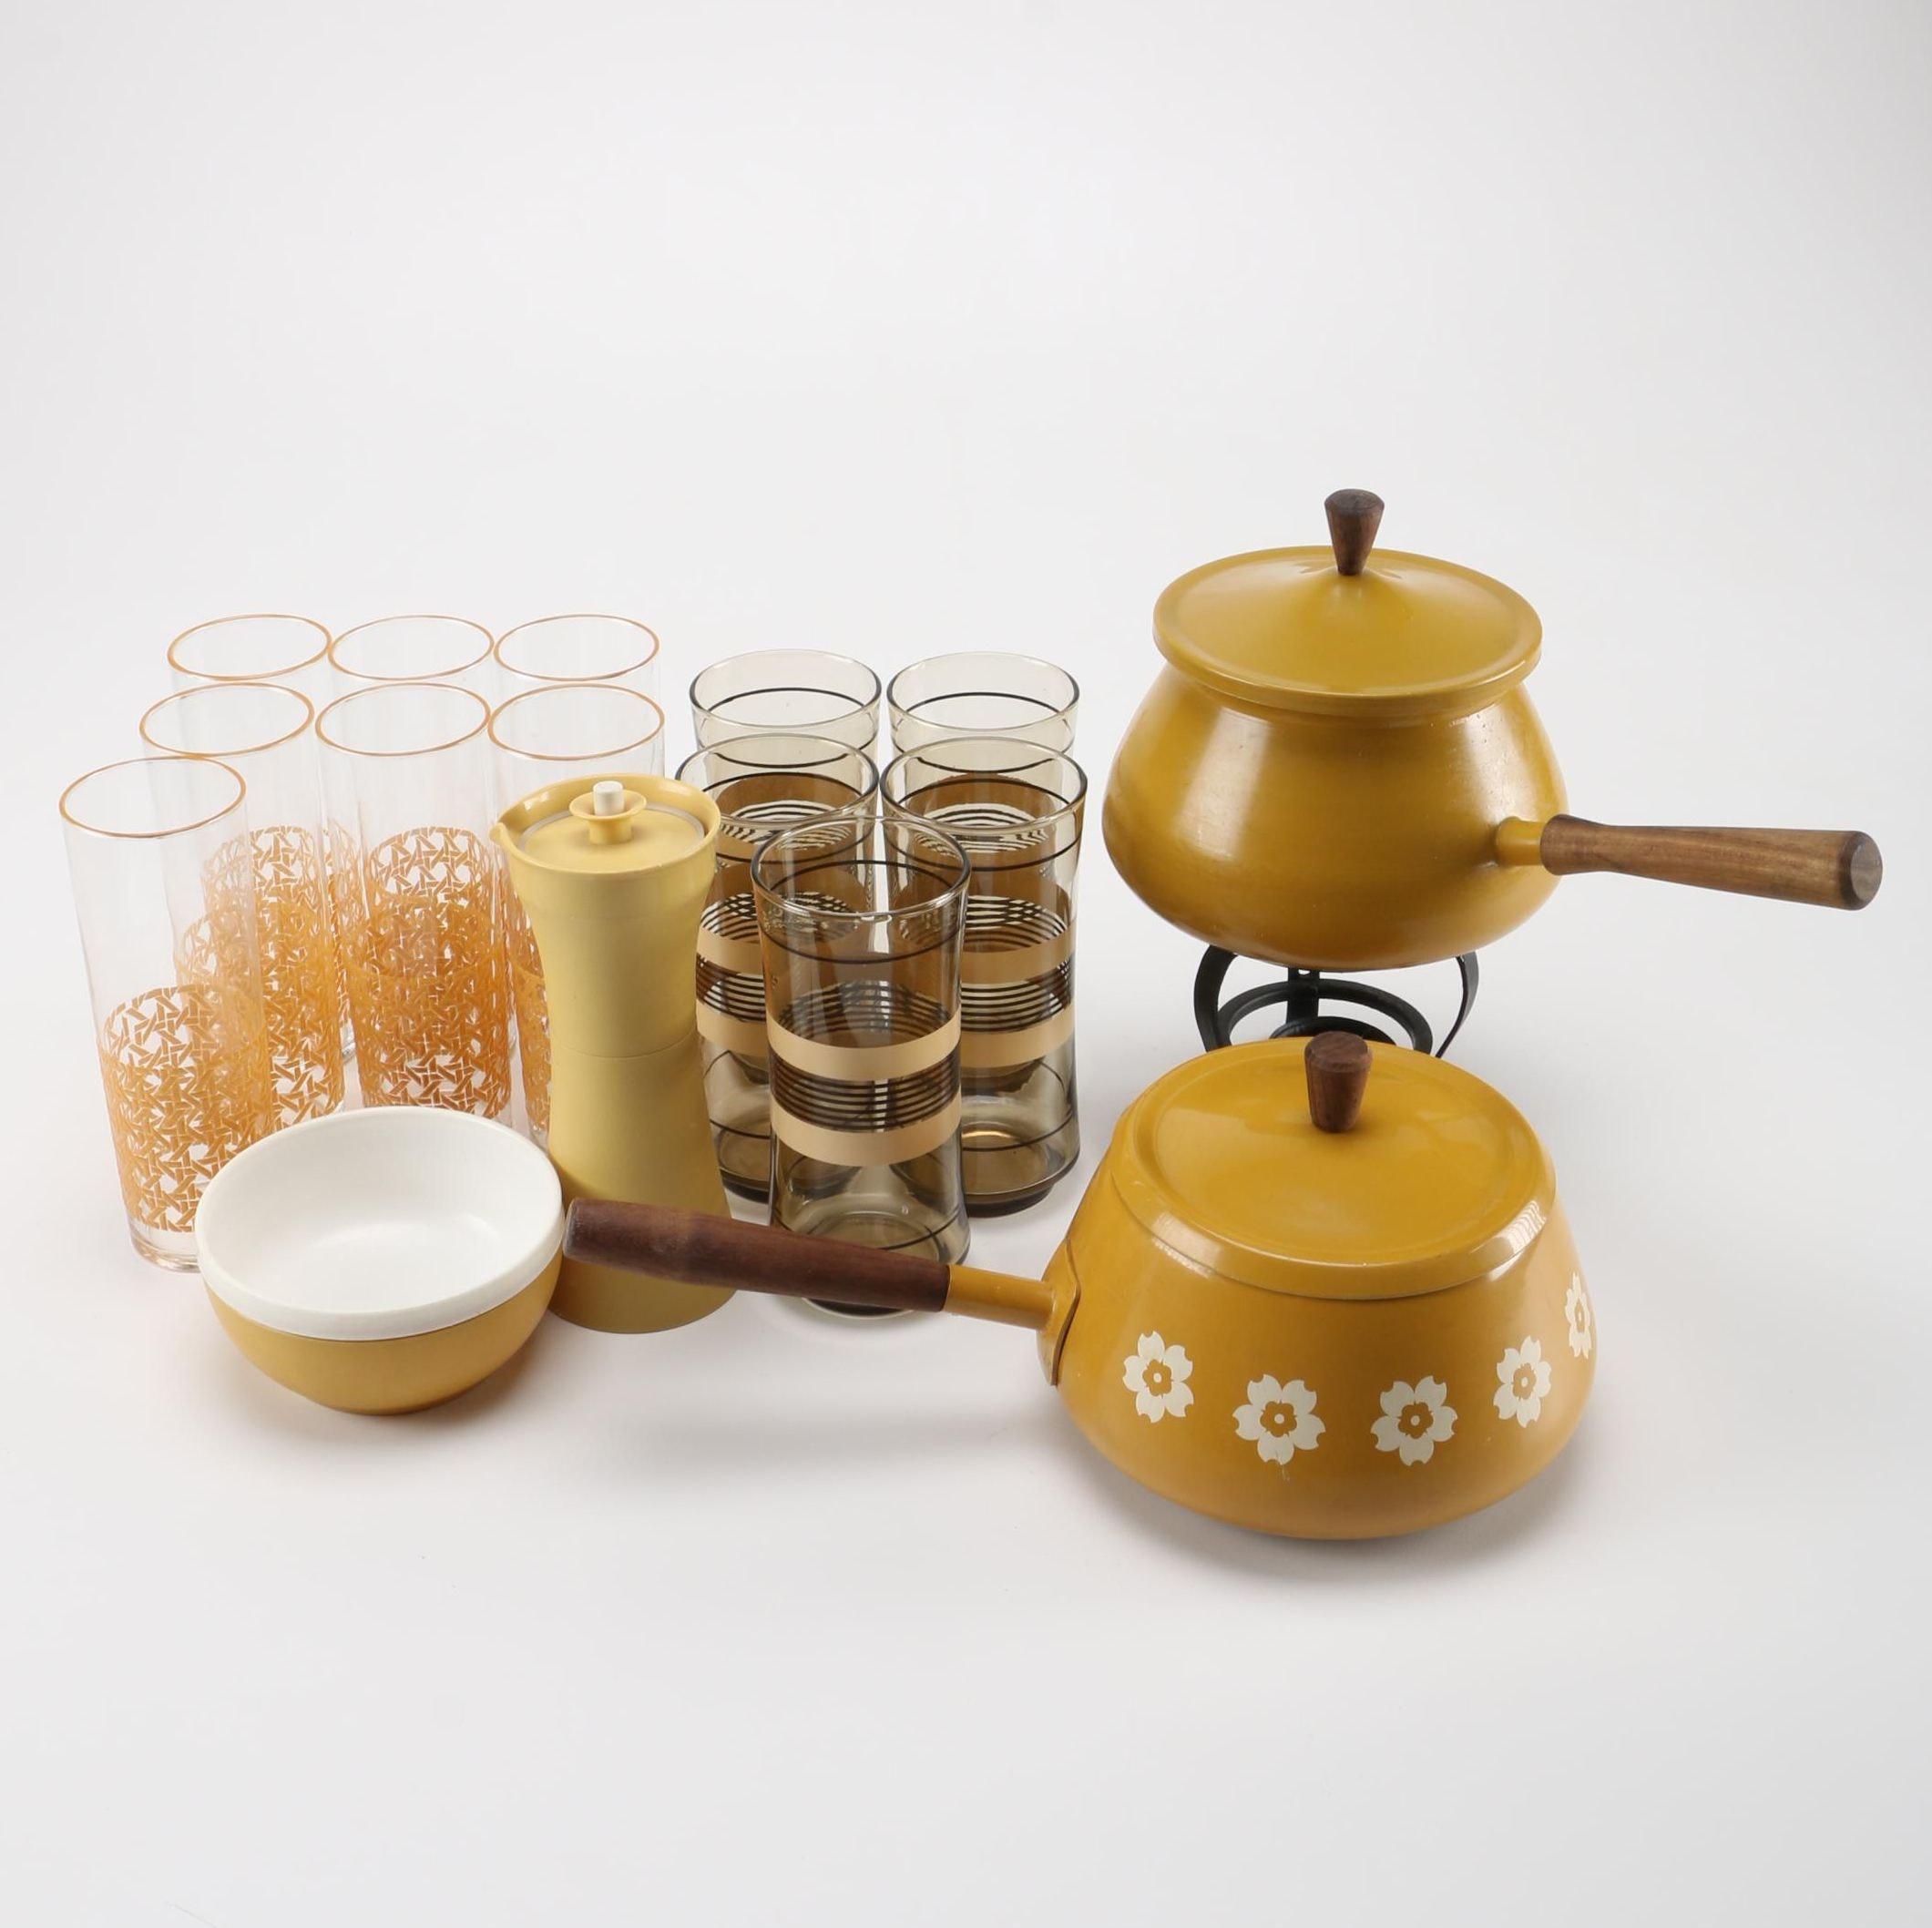 Vintage Yellow Kitchenalia